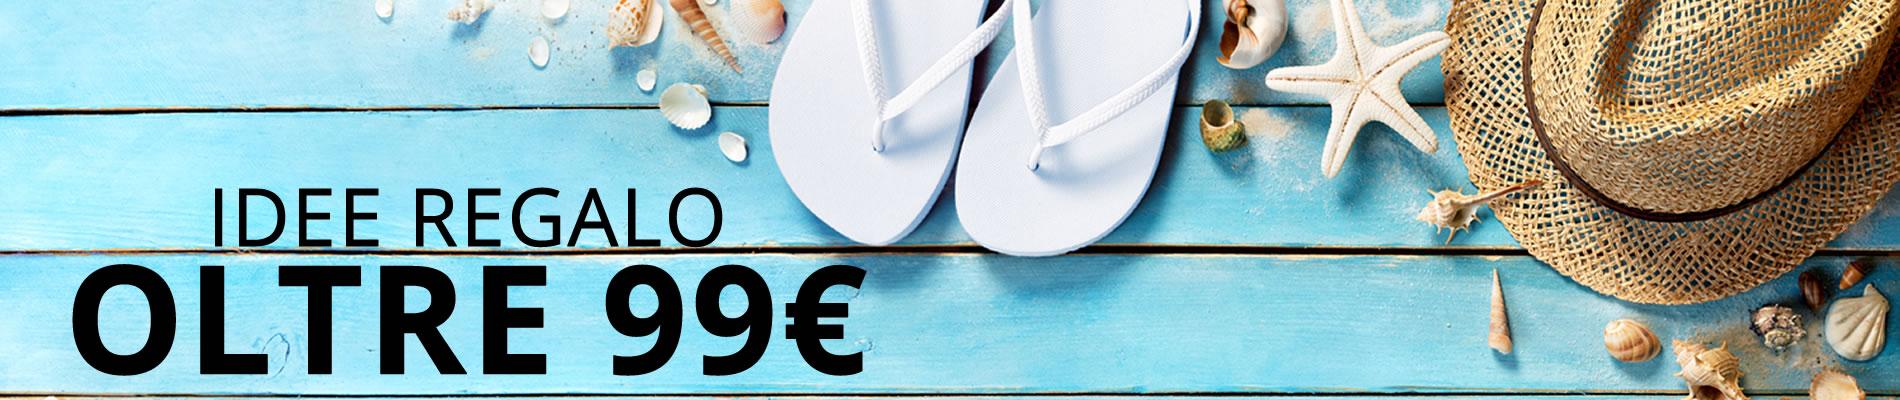 Idee Regalo oltre € 99